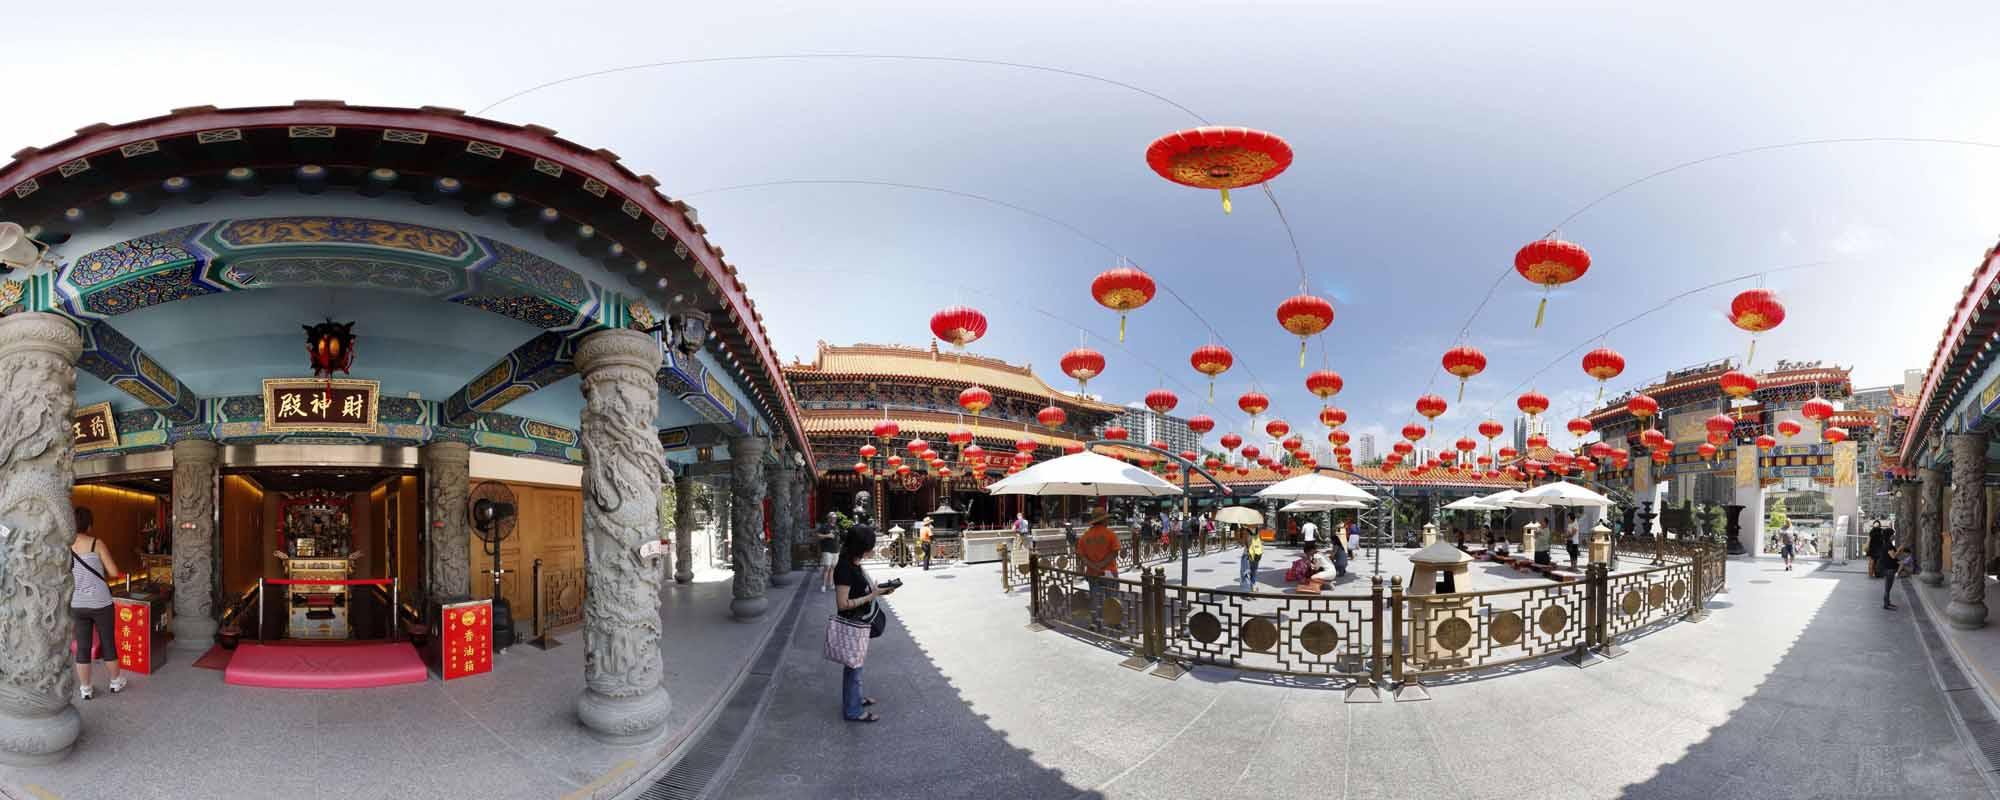 黄大仙虚拟旅游